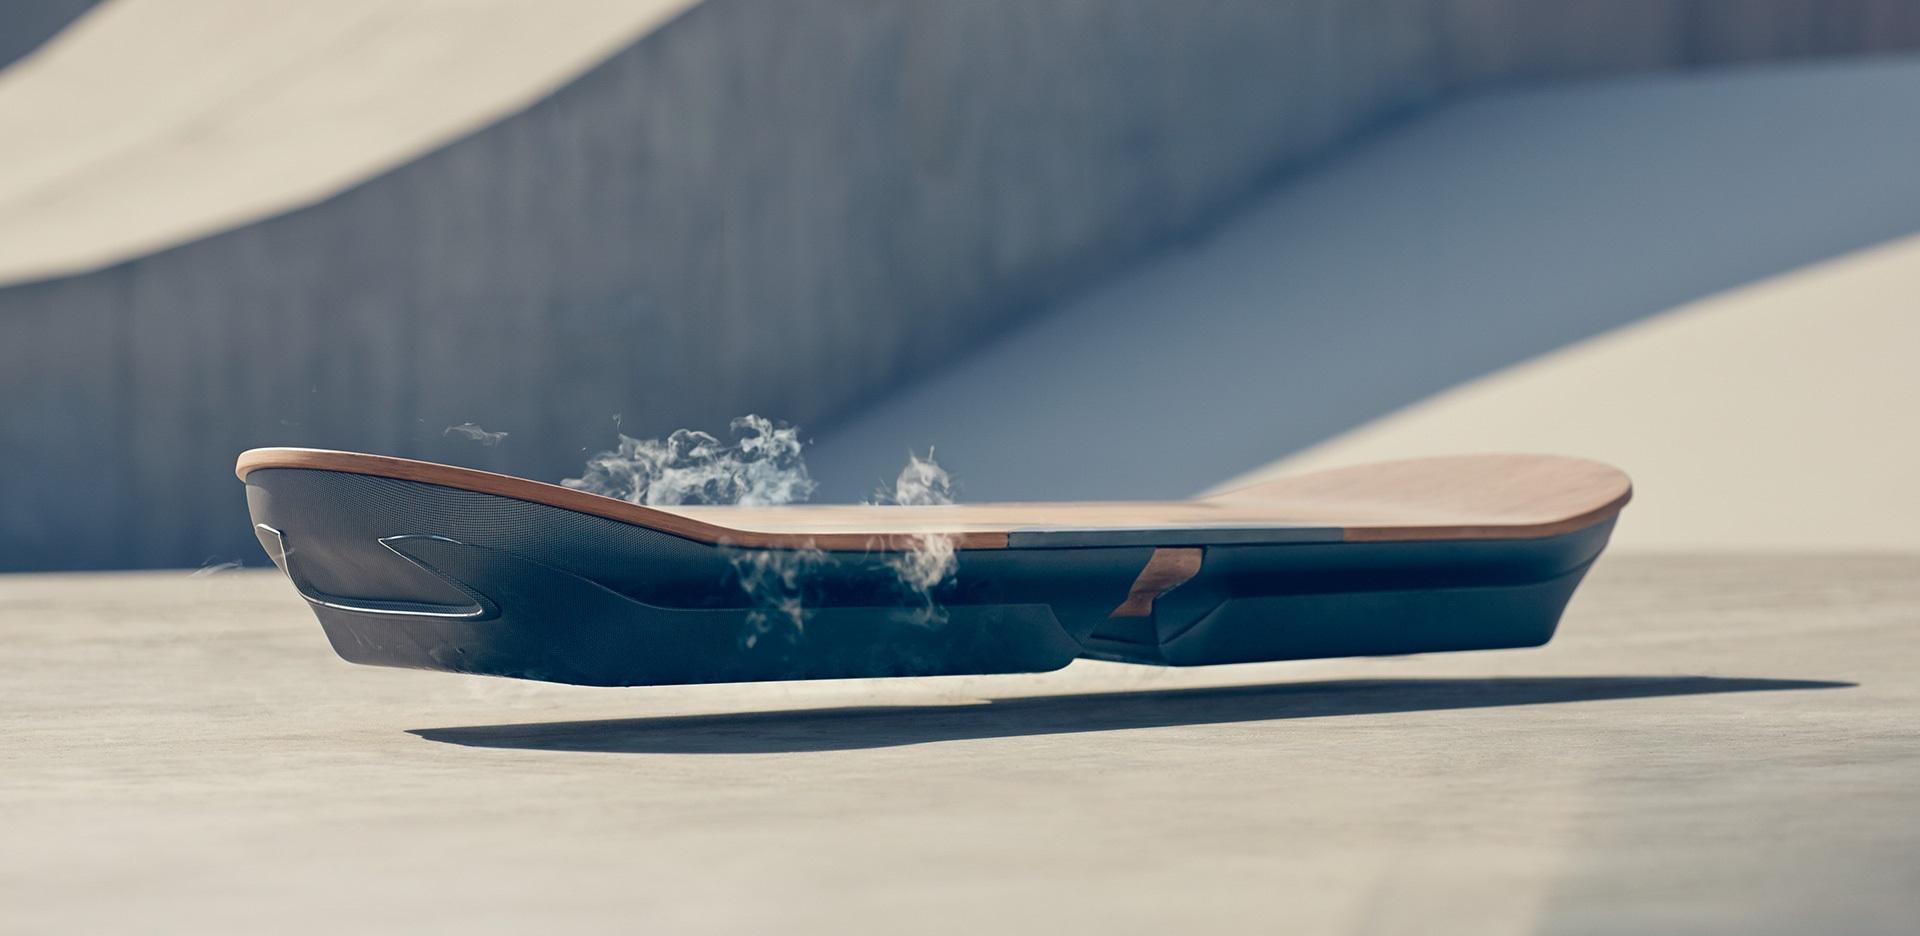 lexus-hoverboard-1.jpg